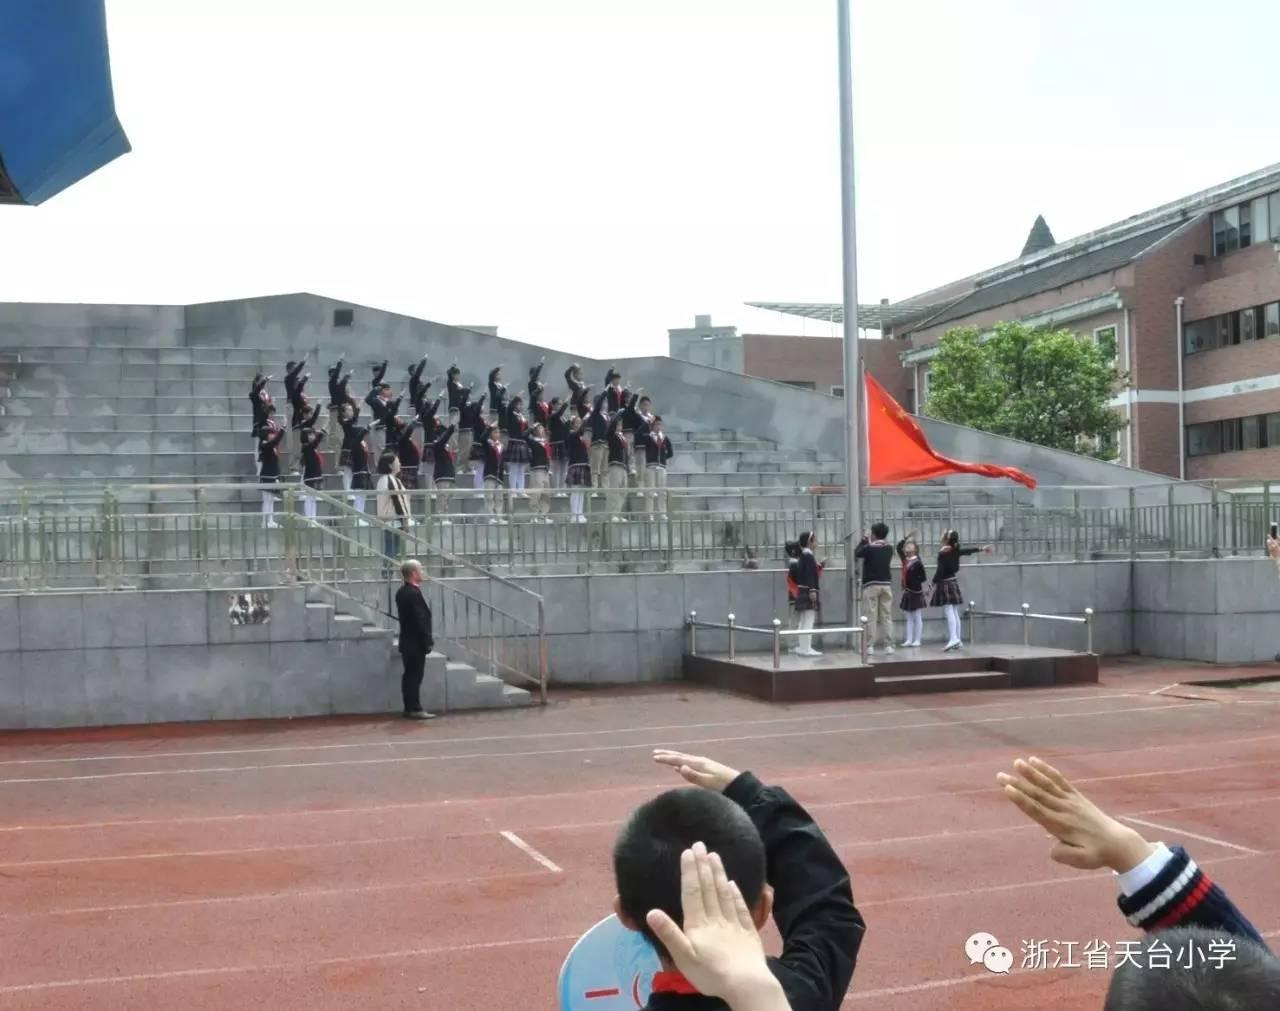 课间十分钟,安全记心中 四 7 中队国旗下微展示活动